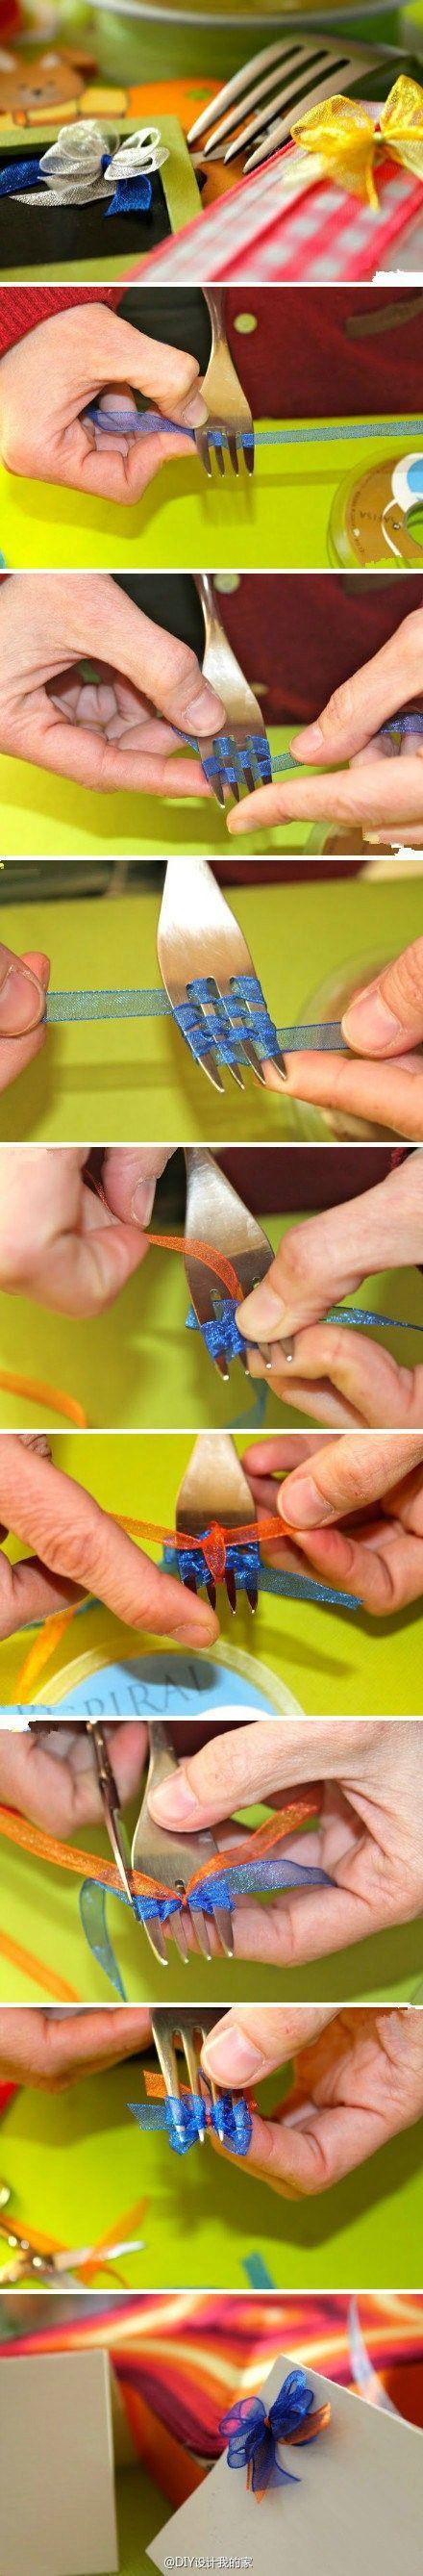 生活小创意:教你用叉子打蝴蝶结,包装礼物可以用的上哦。